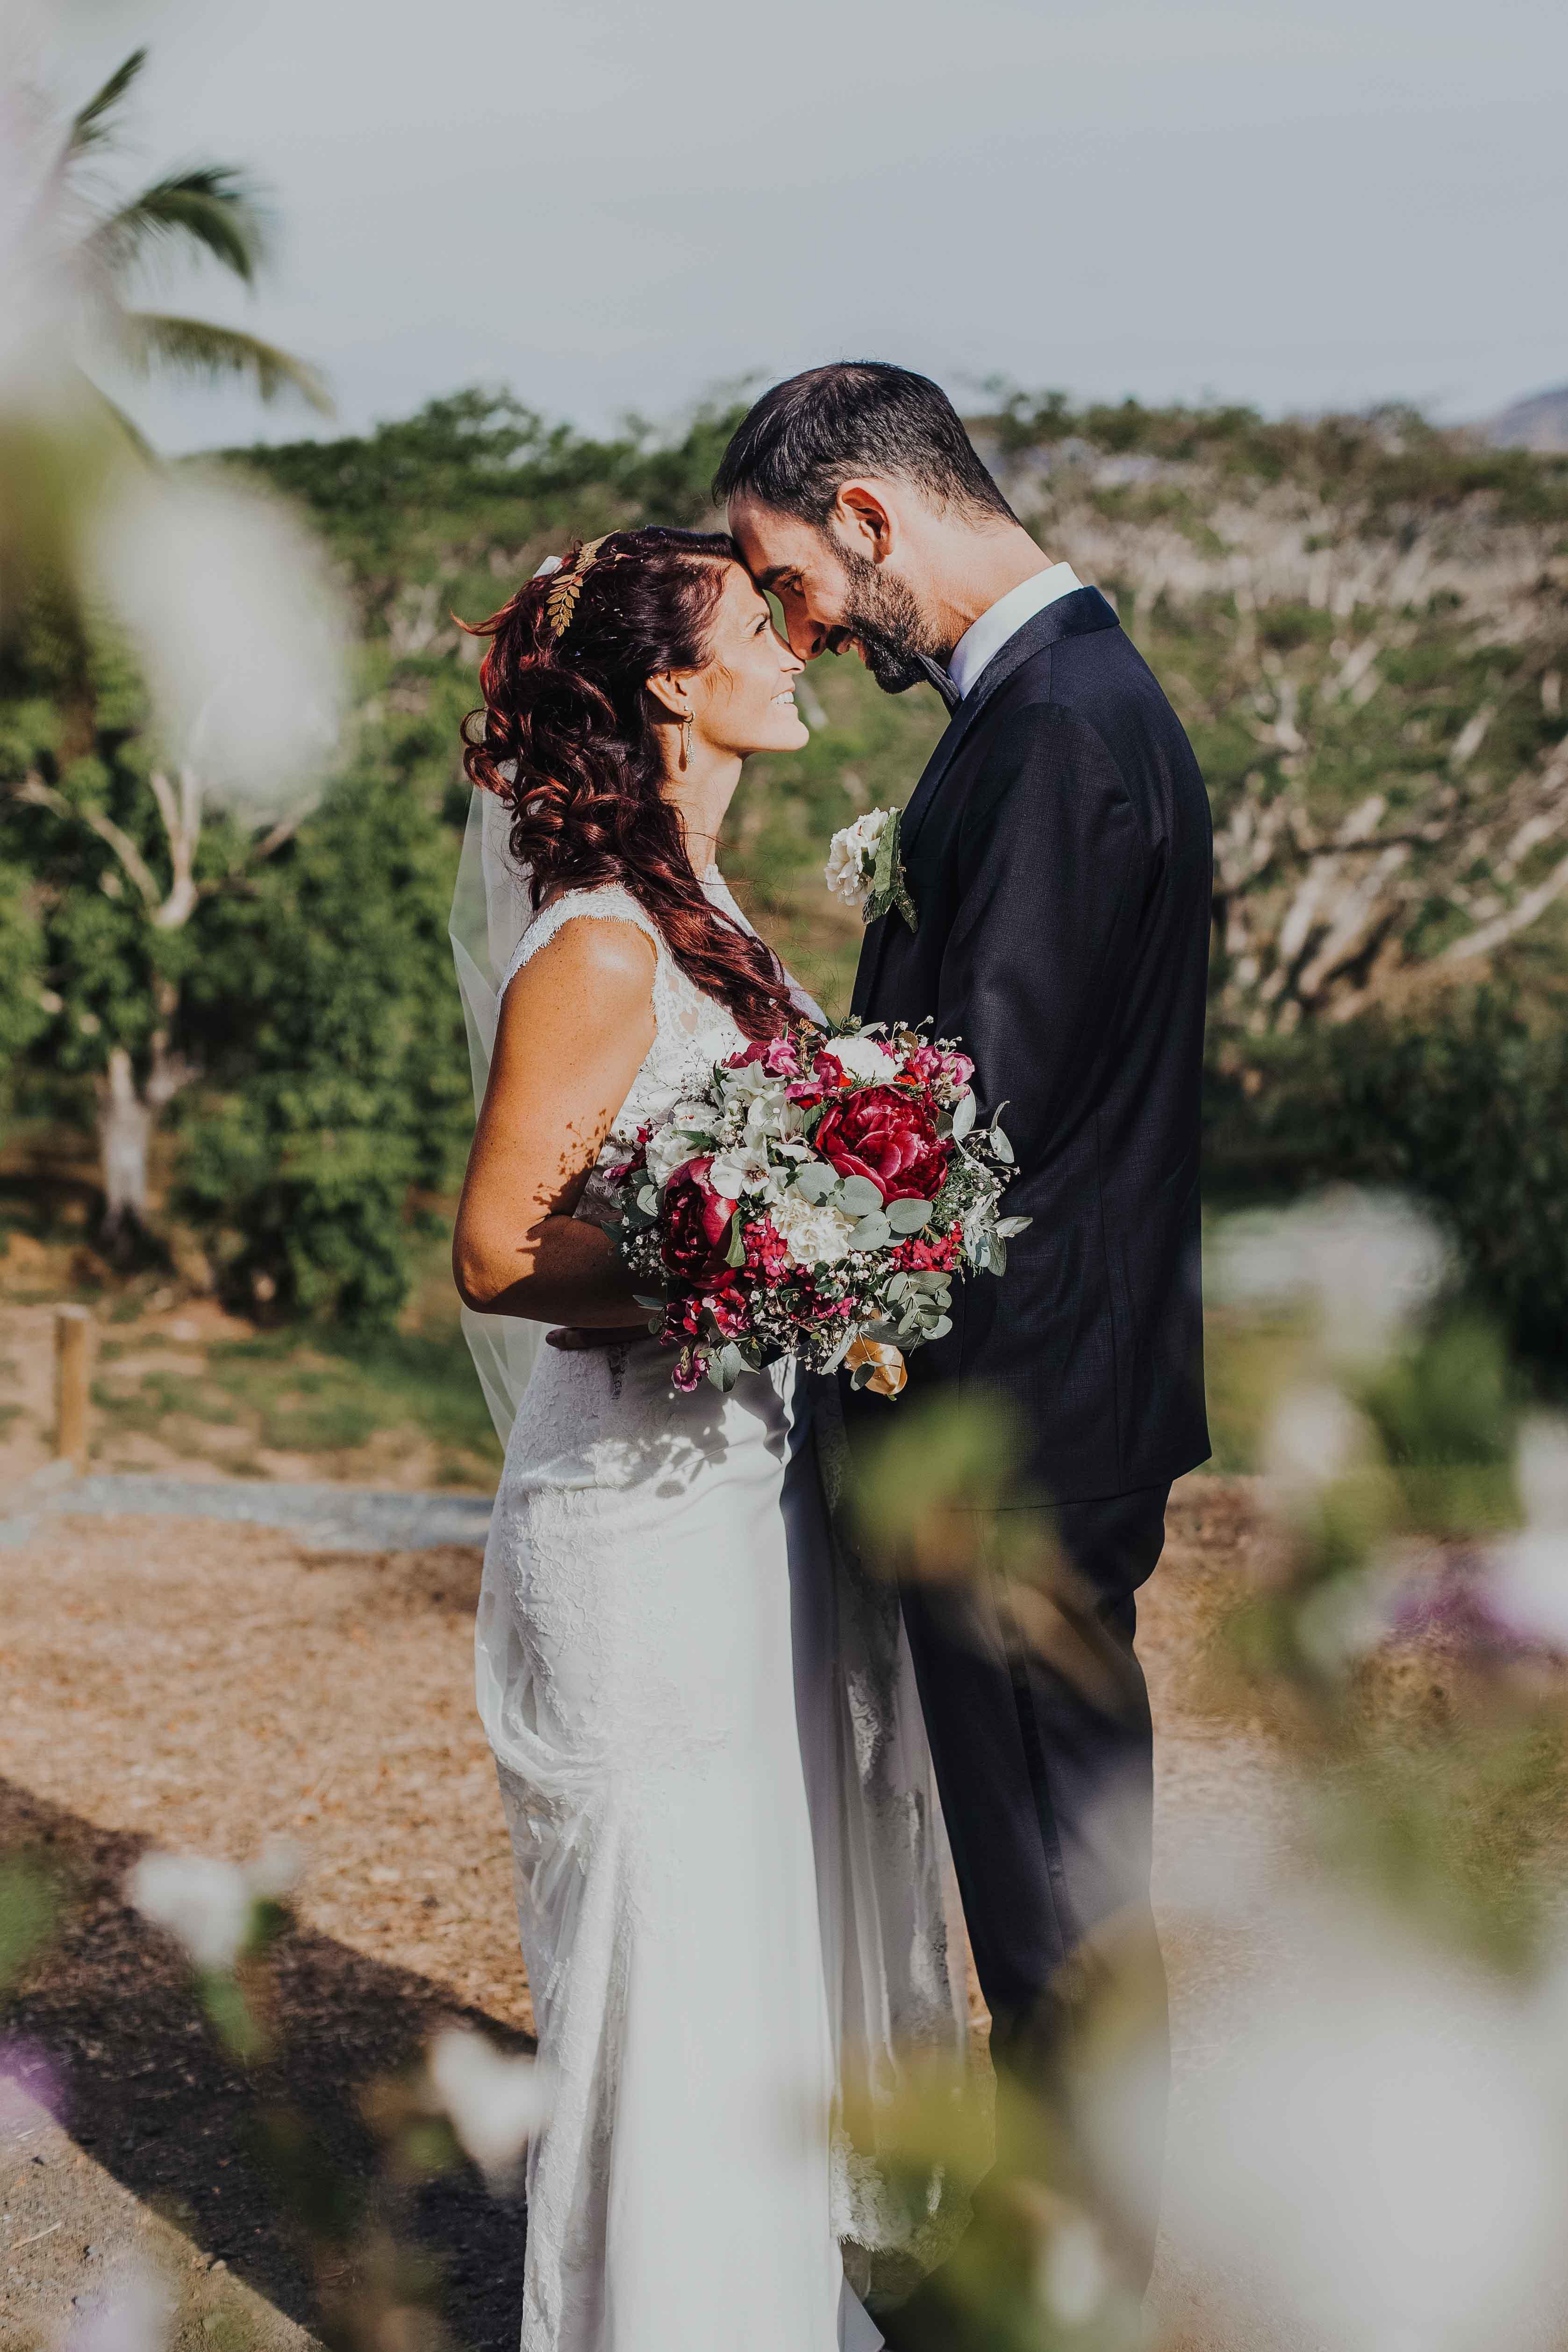 les mariés sont tête à tête, se regardent en souriant, dans la nature, le soleil les couche